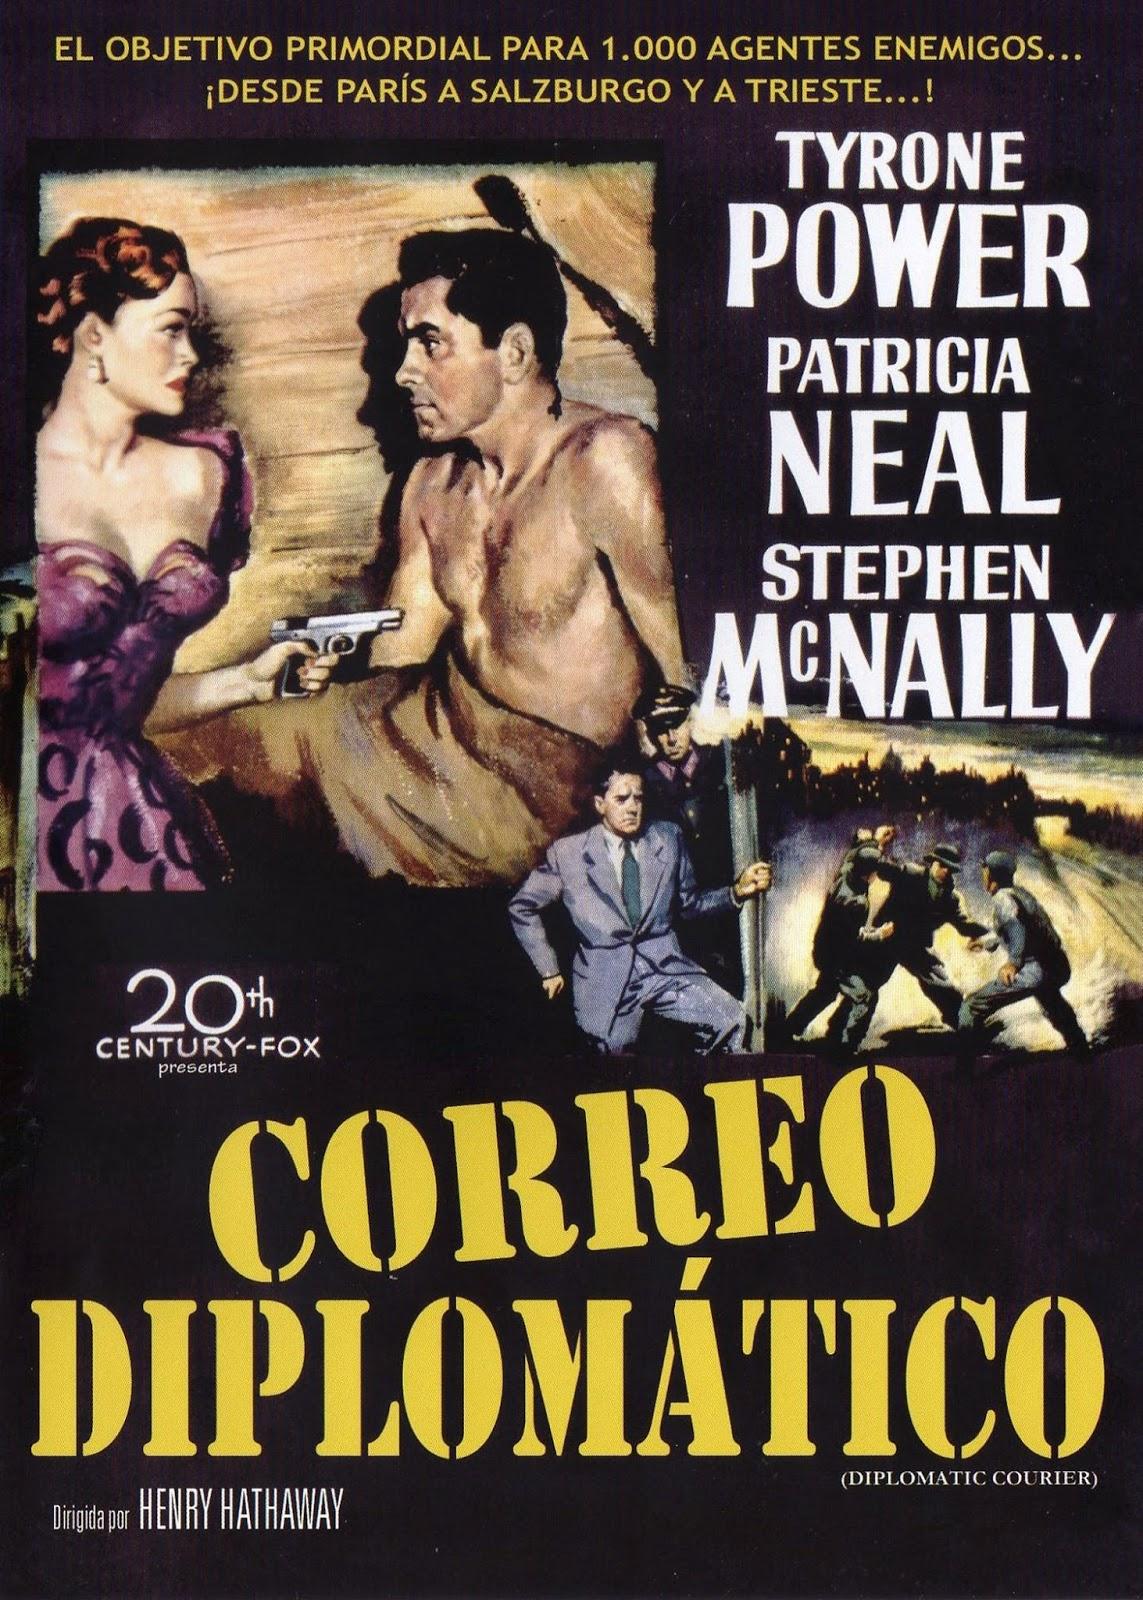 Correo Diplomático (1952)